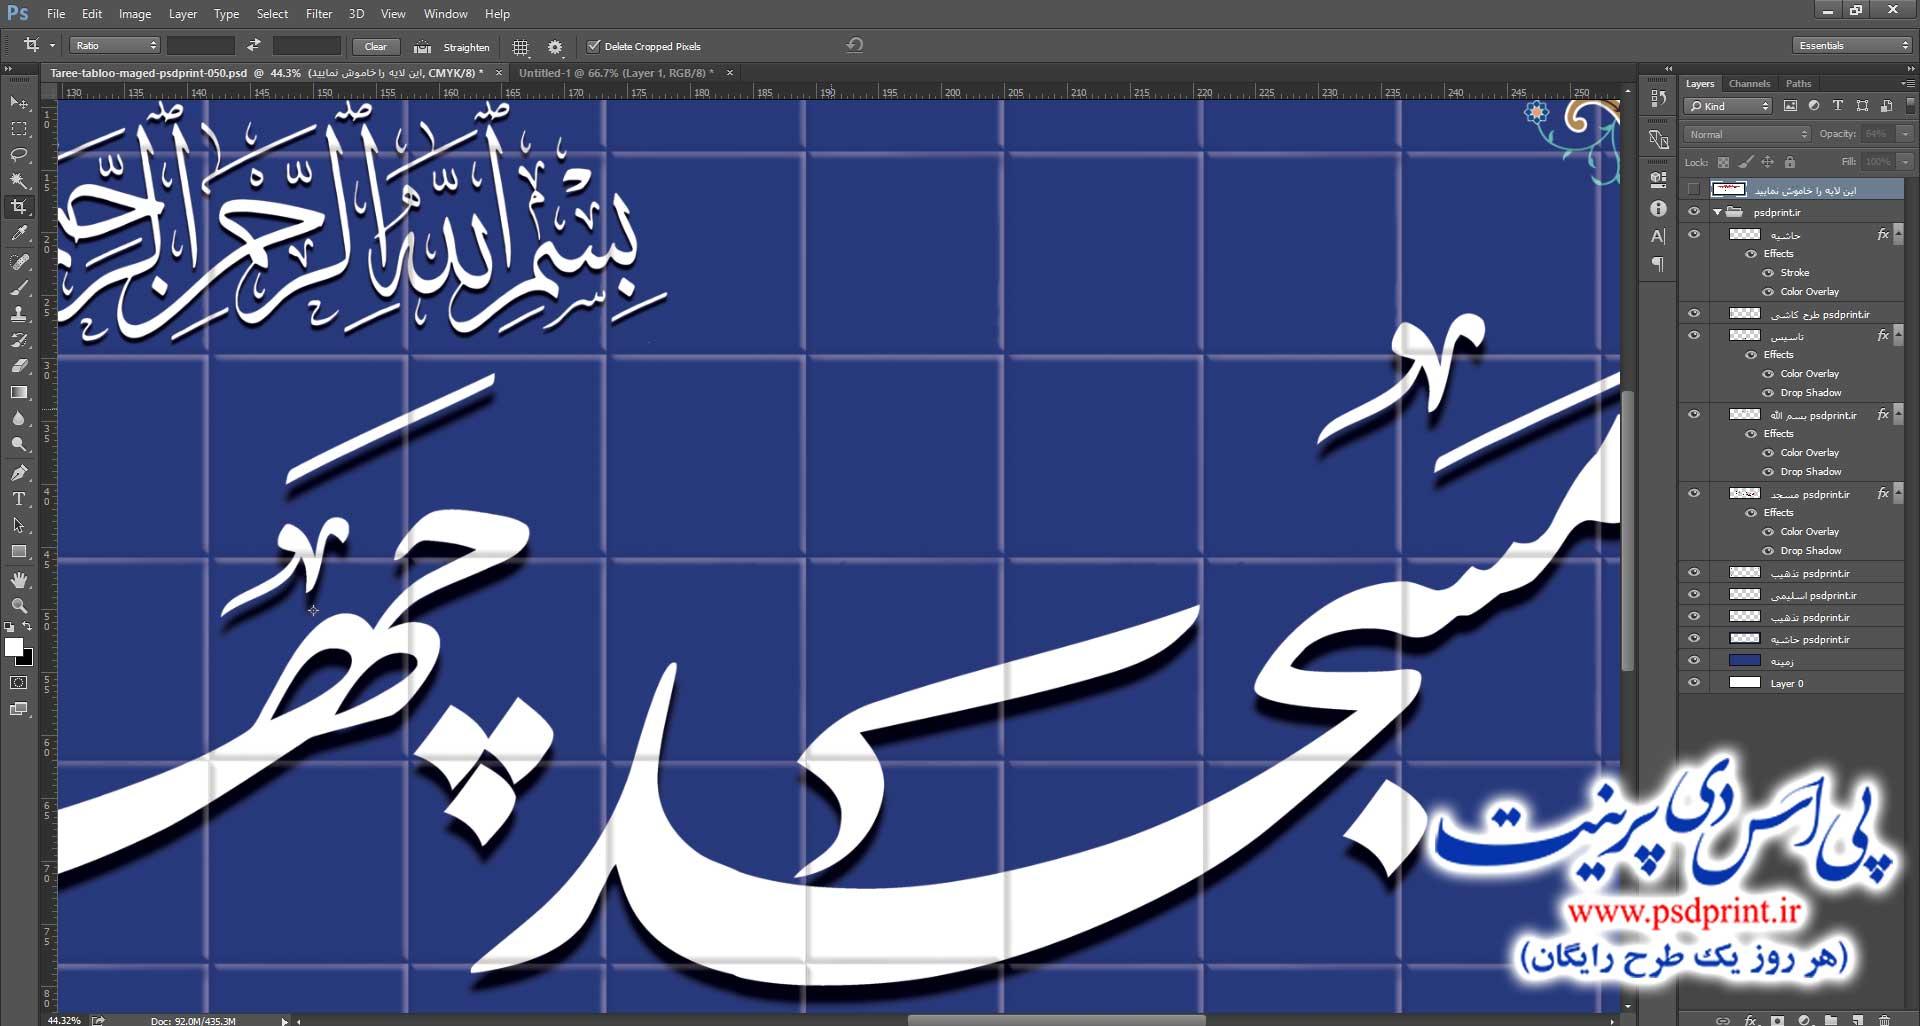 بنر کاشی کاری تابلو مسجد